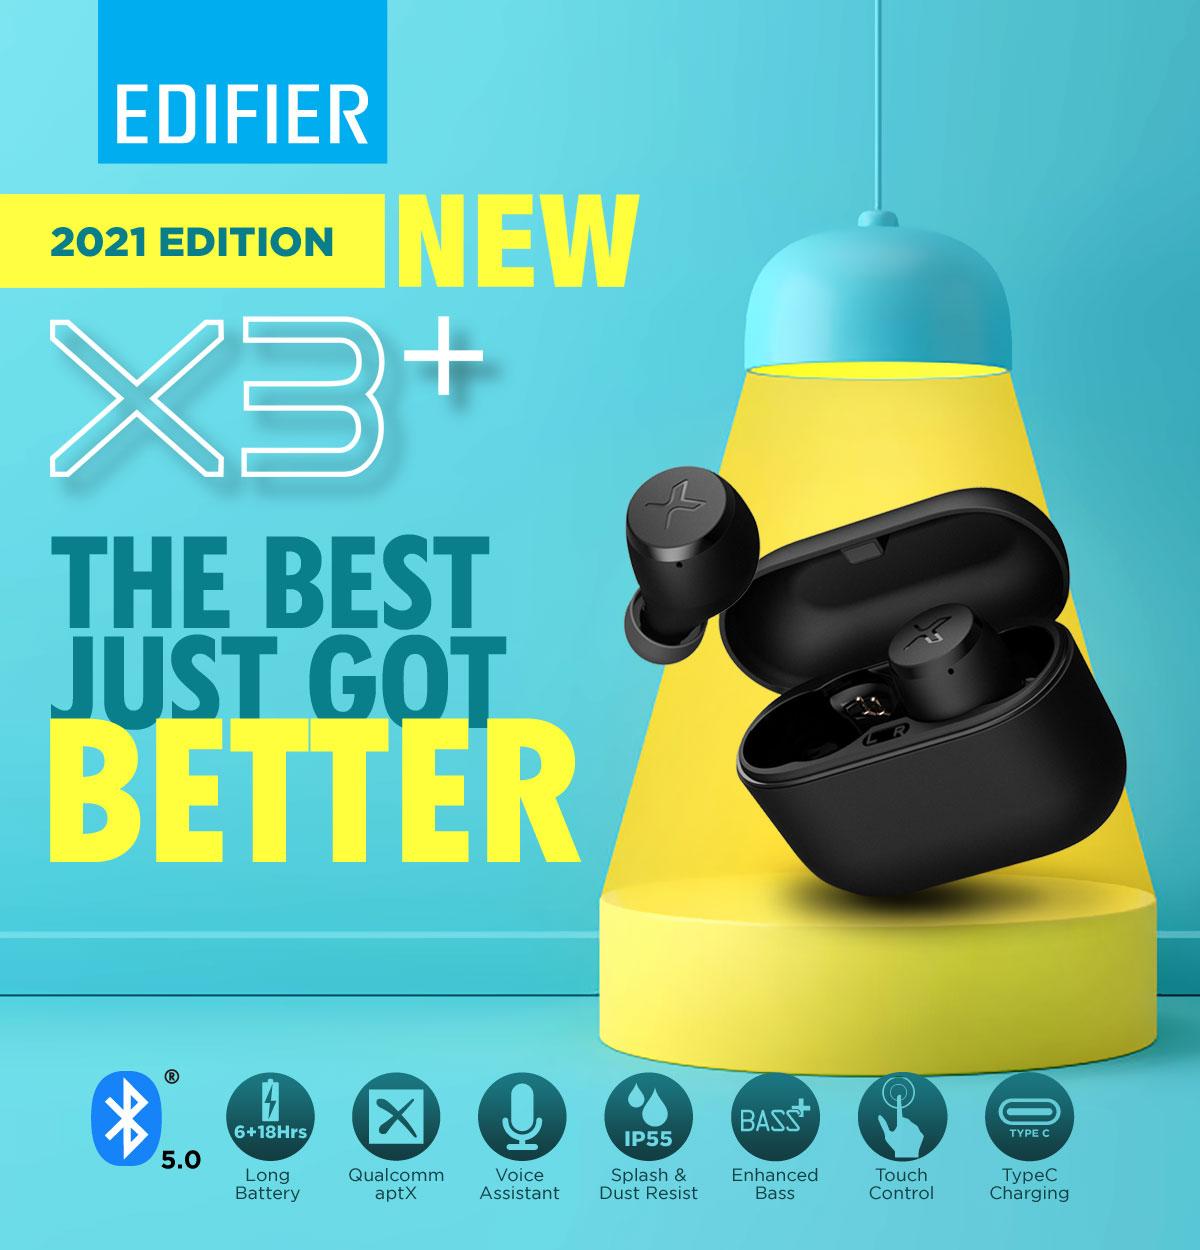 Edifier X3 Plus True